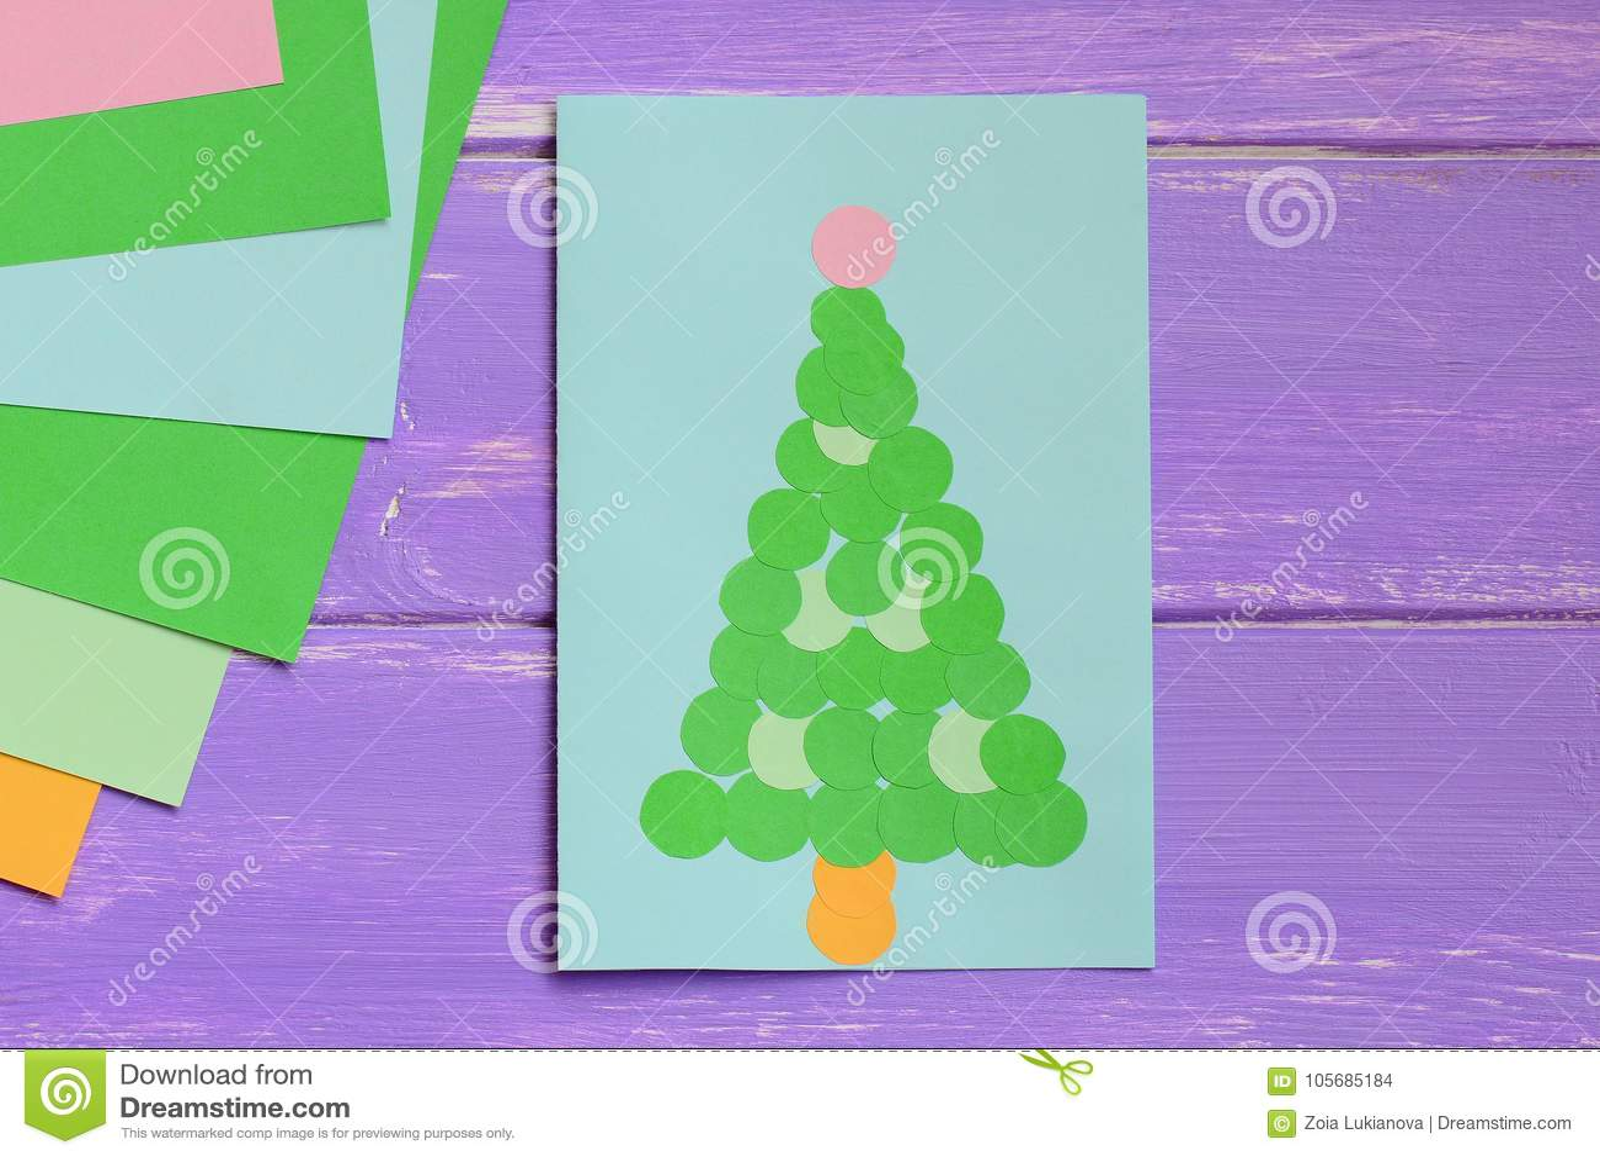 Papiergrußkarte Mit Grünem Weihnachtsbaum, Farbiges Papier Bedeckt ...